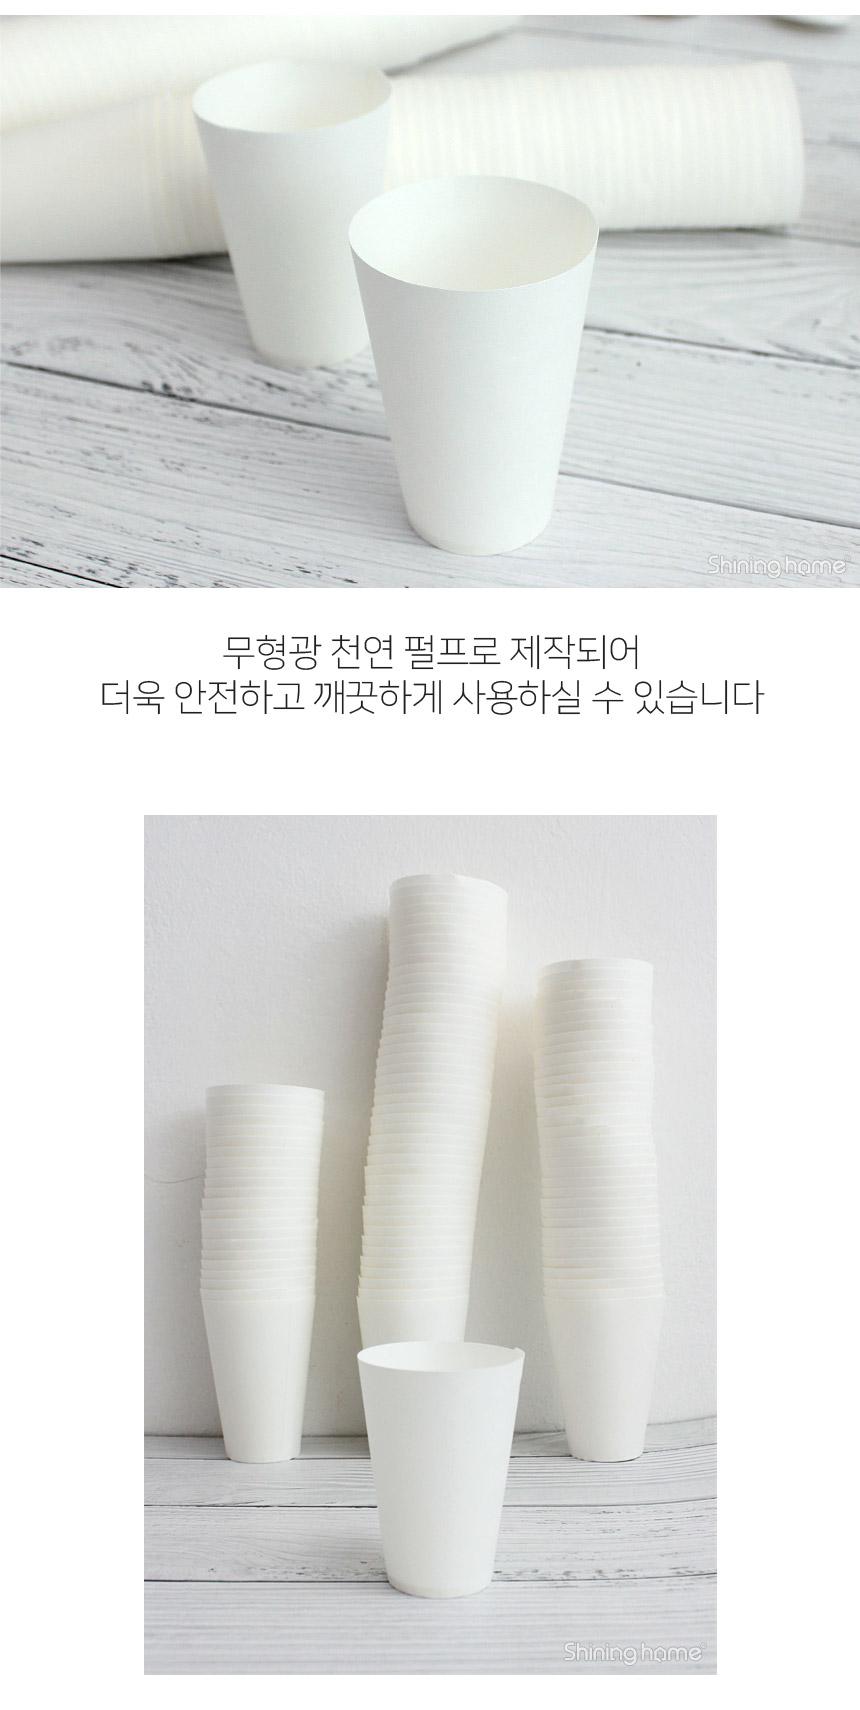 라온 정수기 한모금 종이컵 4000개 - 샤이닝홈, 37,900원, 커피잔/찻잔, 커피잔/찻잔